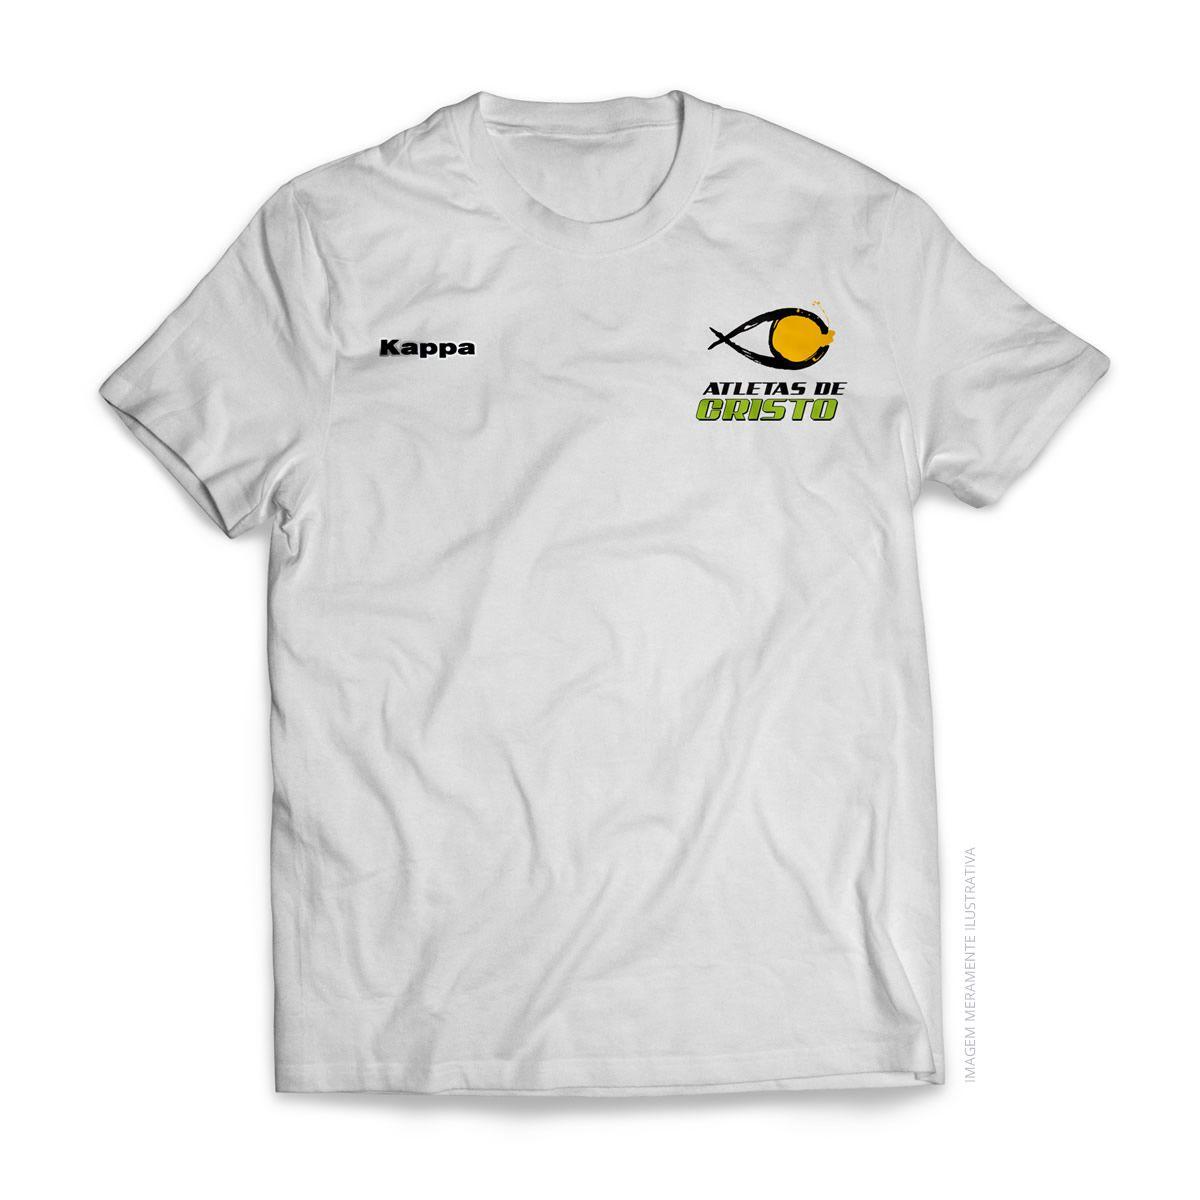 Camiseta Kappa - Atletas de Cristo - Branca